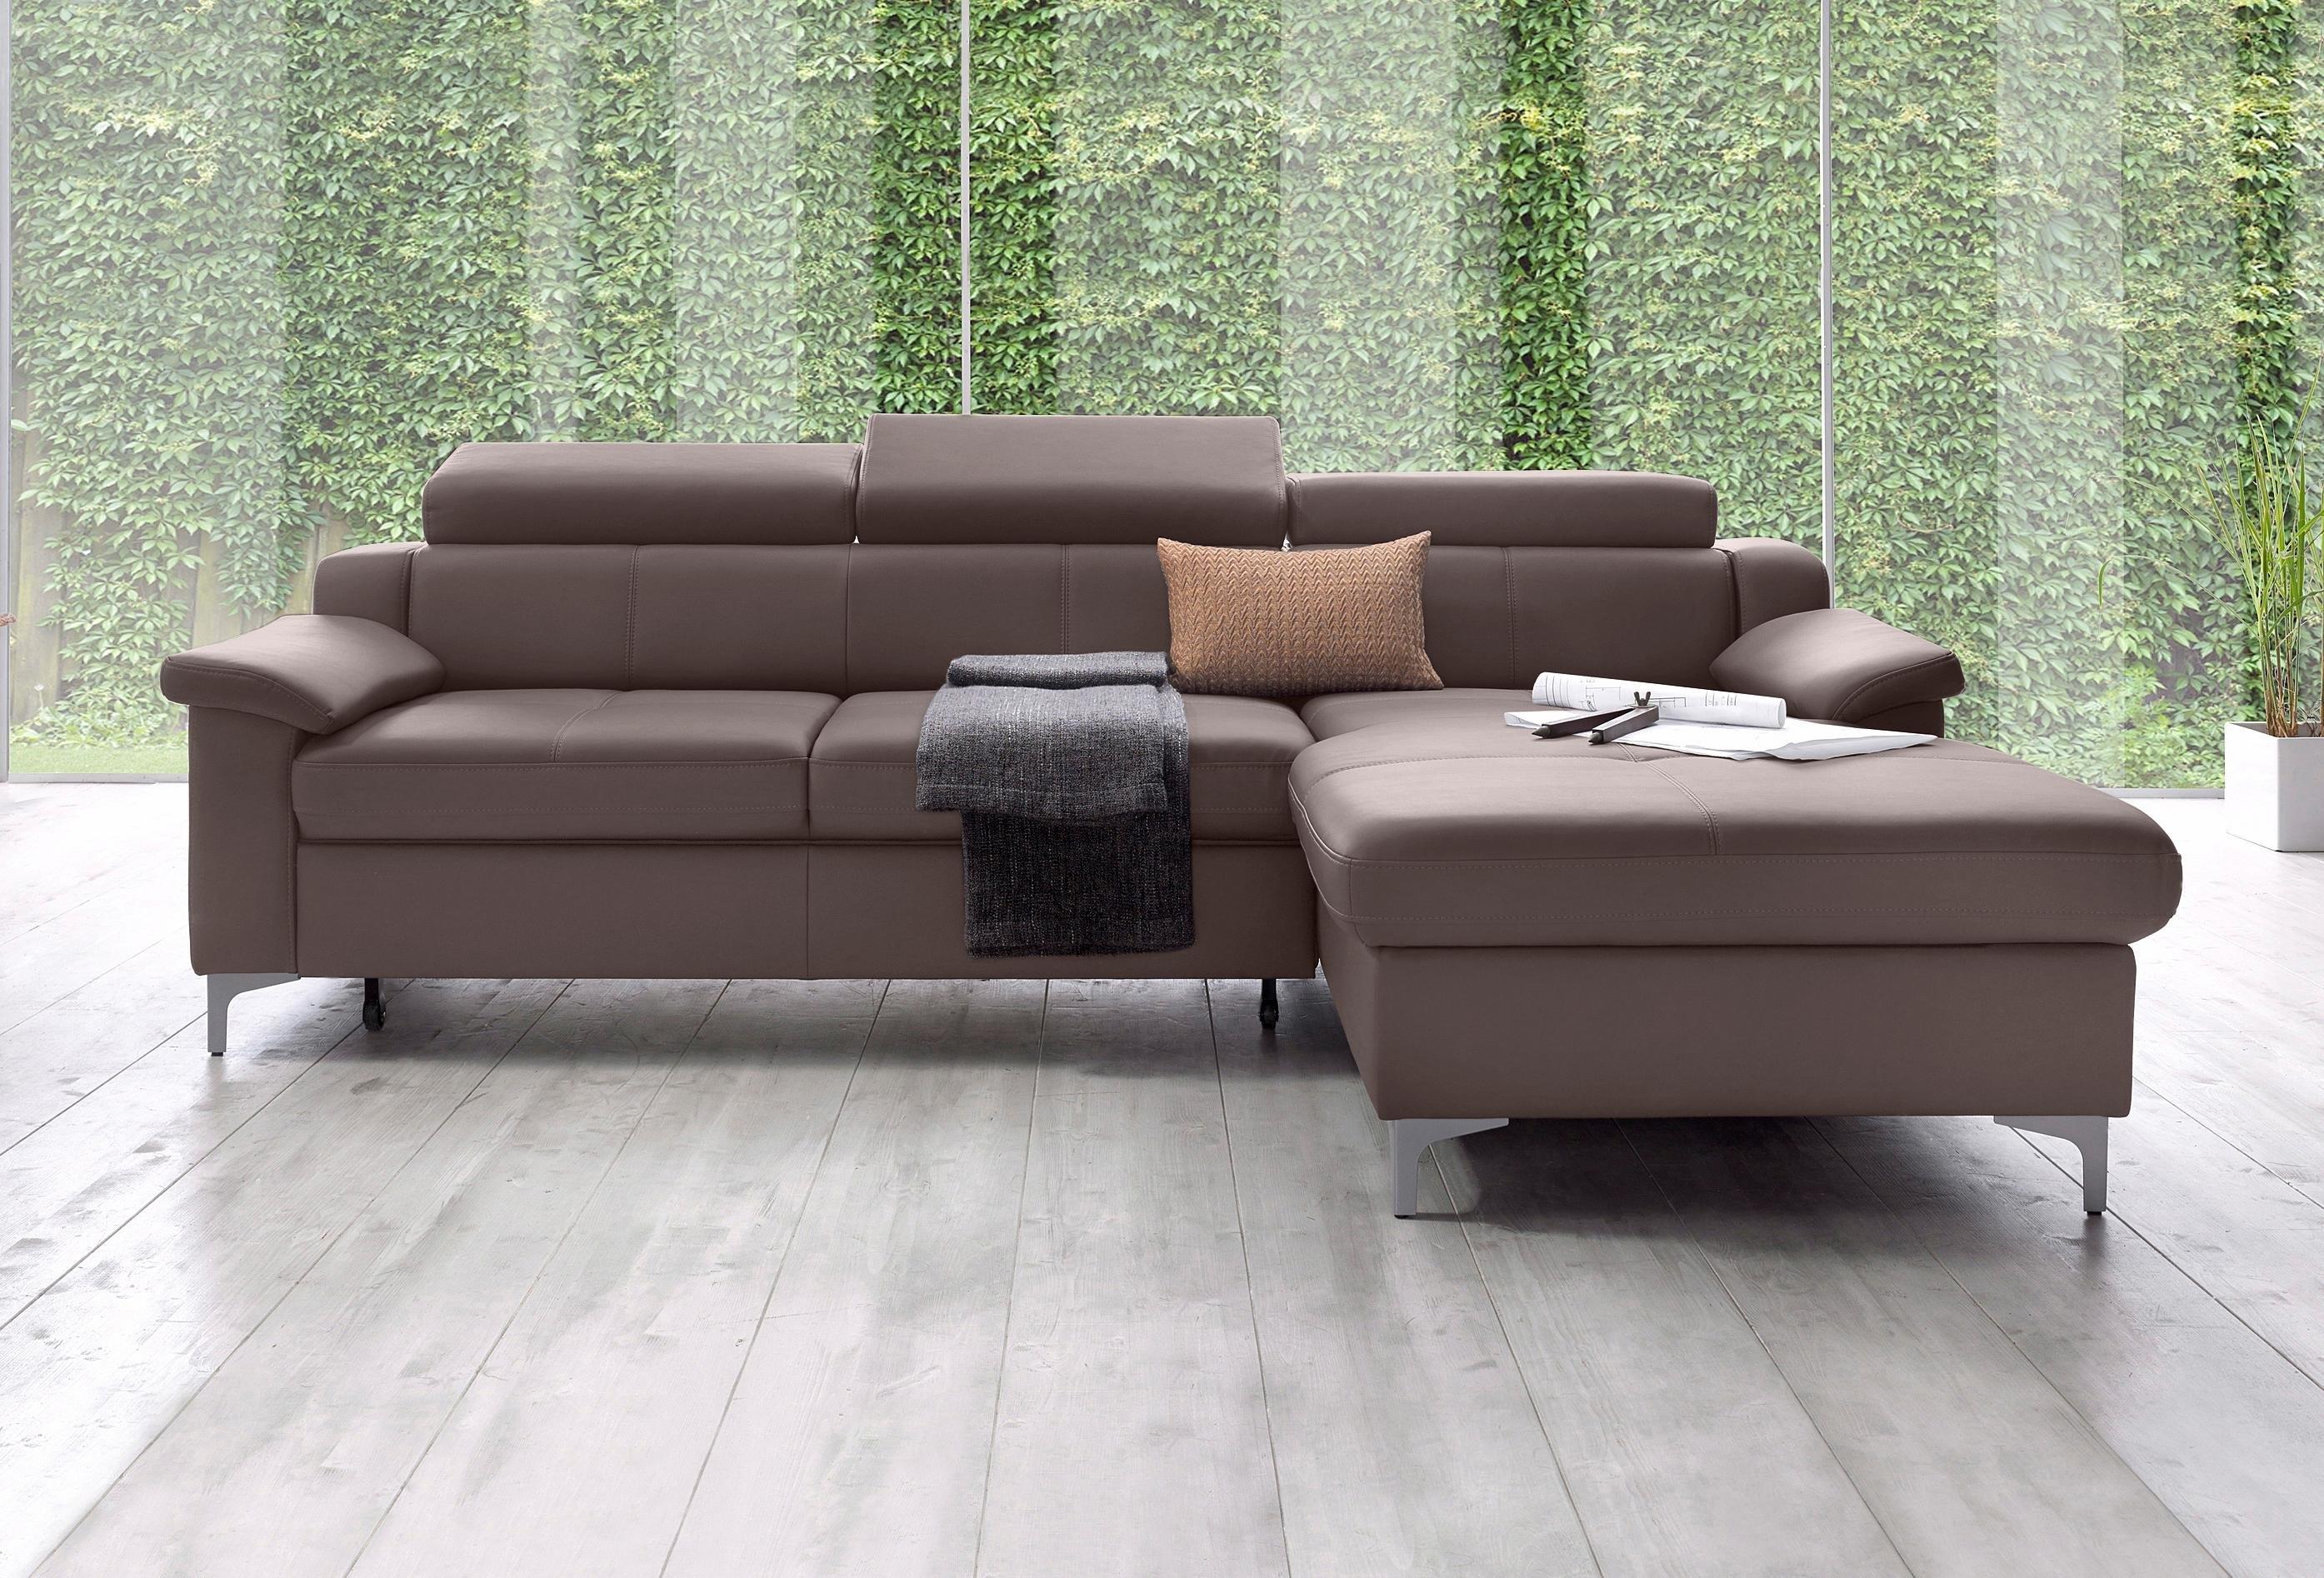 Op zoek naar een exxpo - sofa fashion Exxpo by Gala hoekbank, naar keuze met slaapfunctie? Koop online bij OTTO